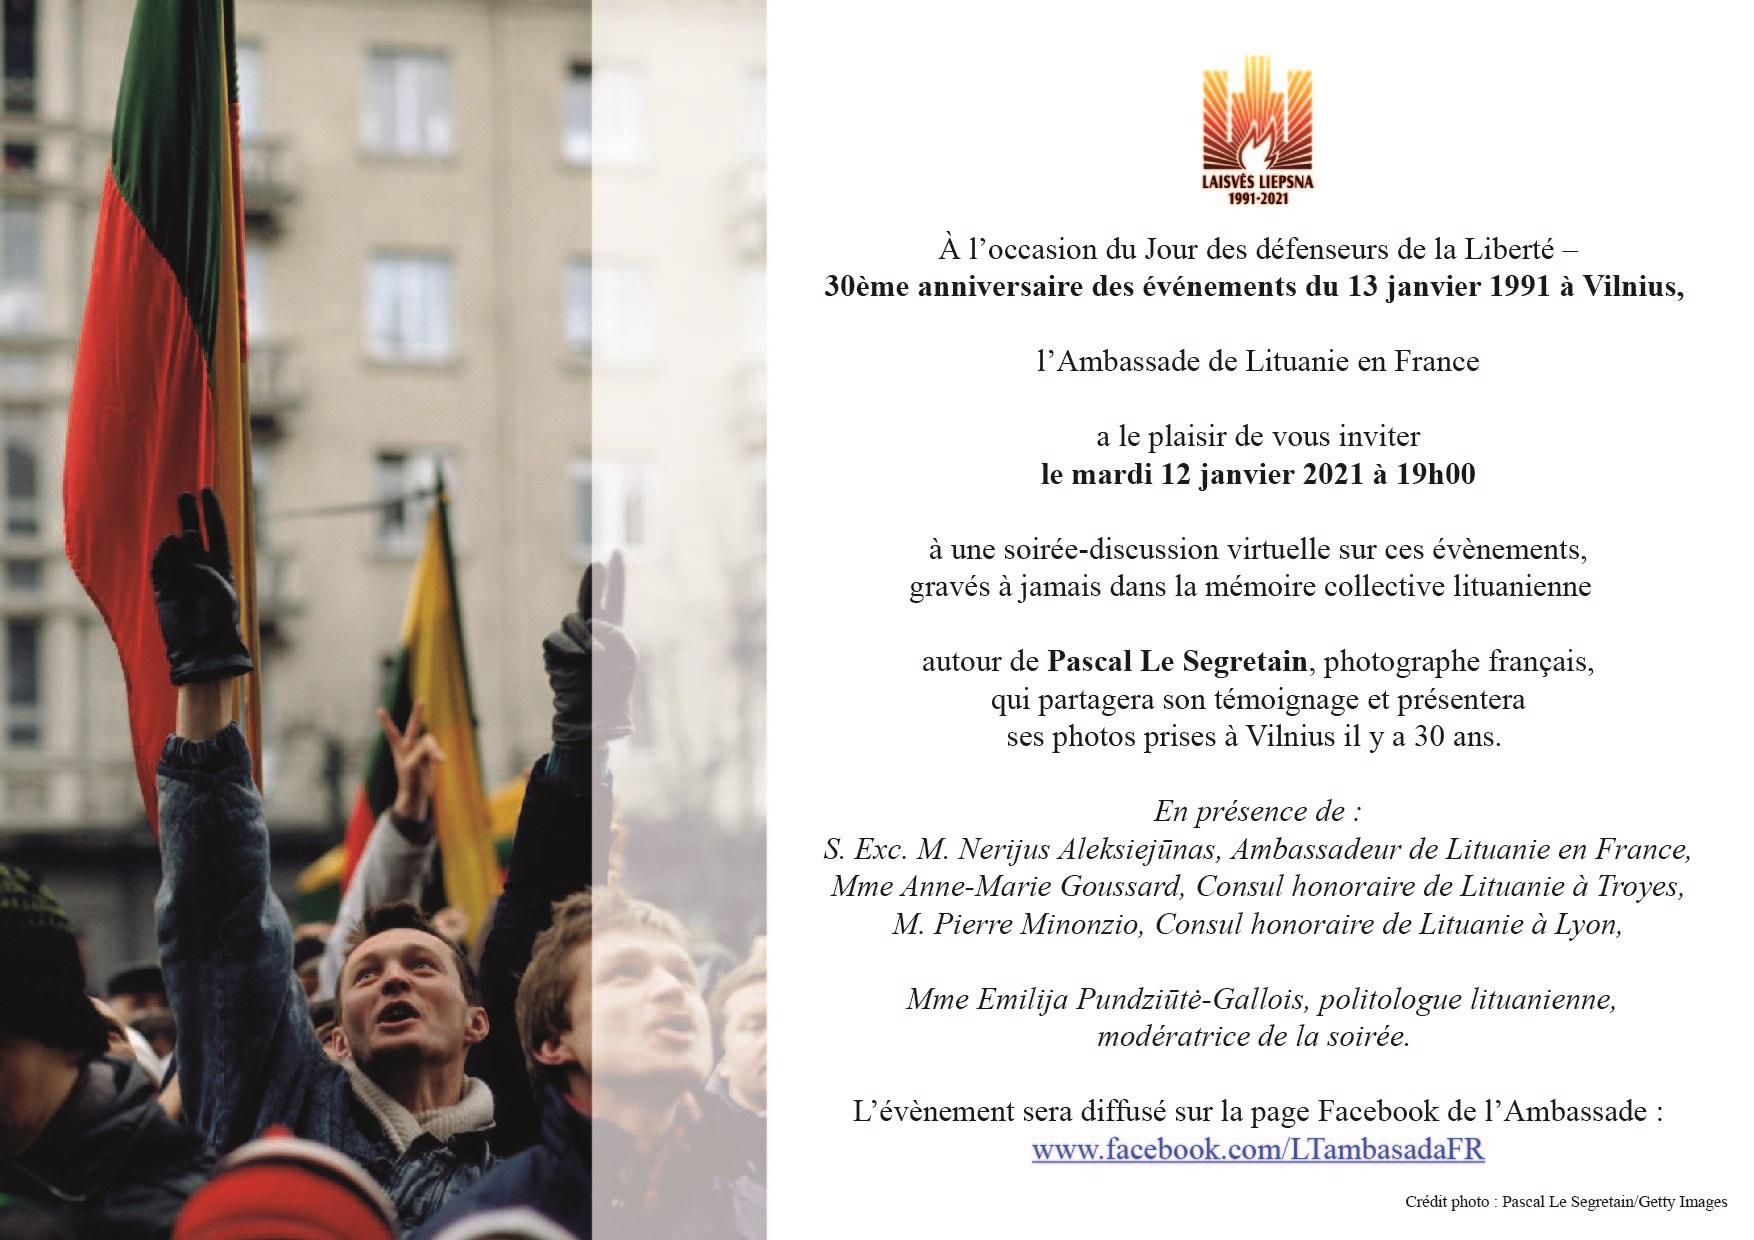 Commémoration virtuelle du 30ème anniversaire des événements du 13 janvier 1991 à Vilnius